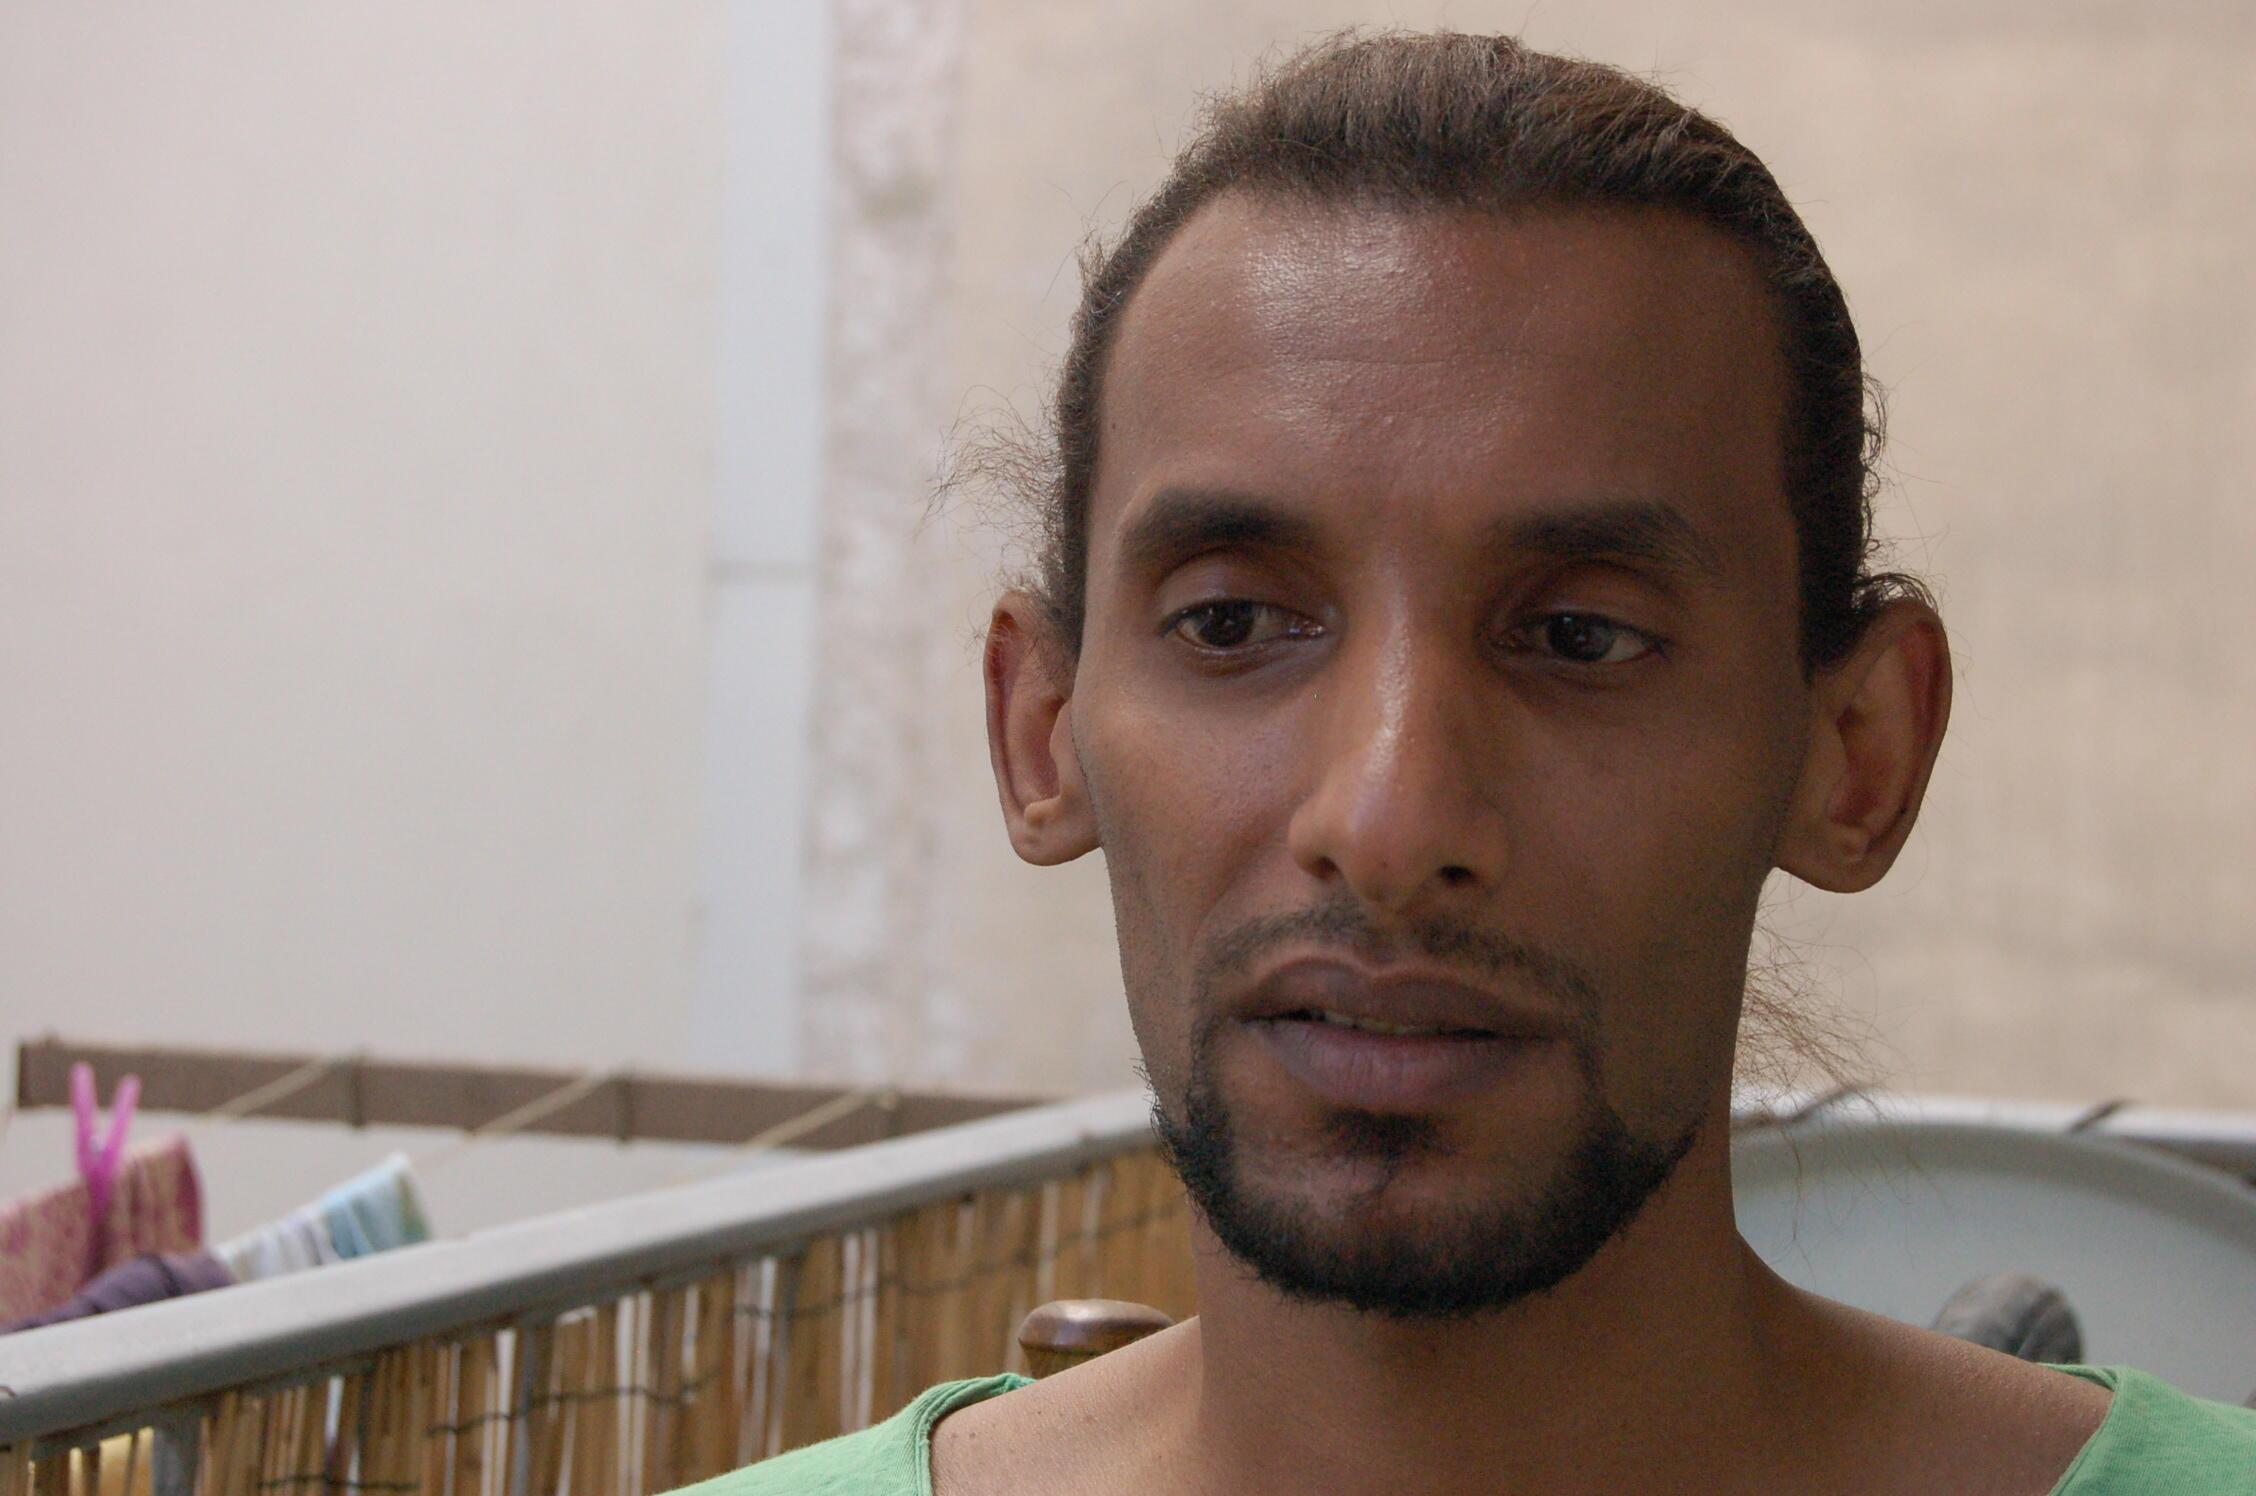 Saleh Ibrahim, jeune somalien de 26 ans, est victime de ces violences racistes. Il s'est fait cassé le bras par un groupe de six personnes.